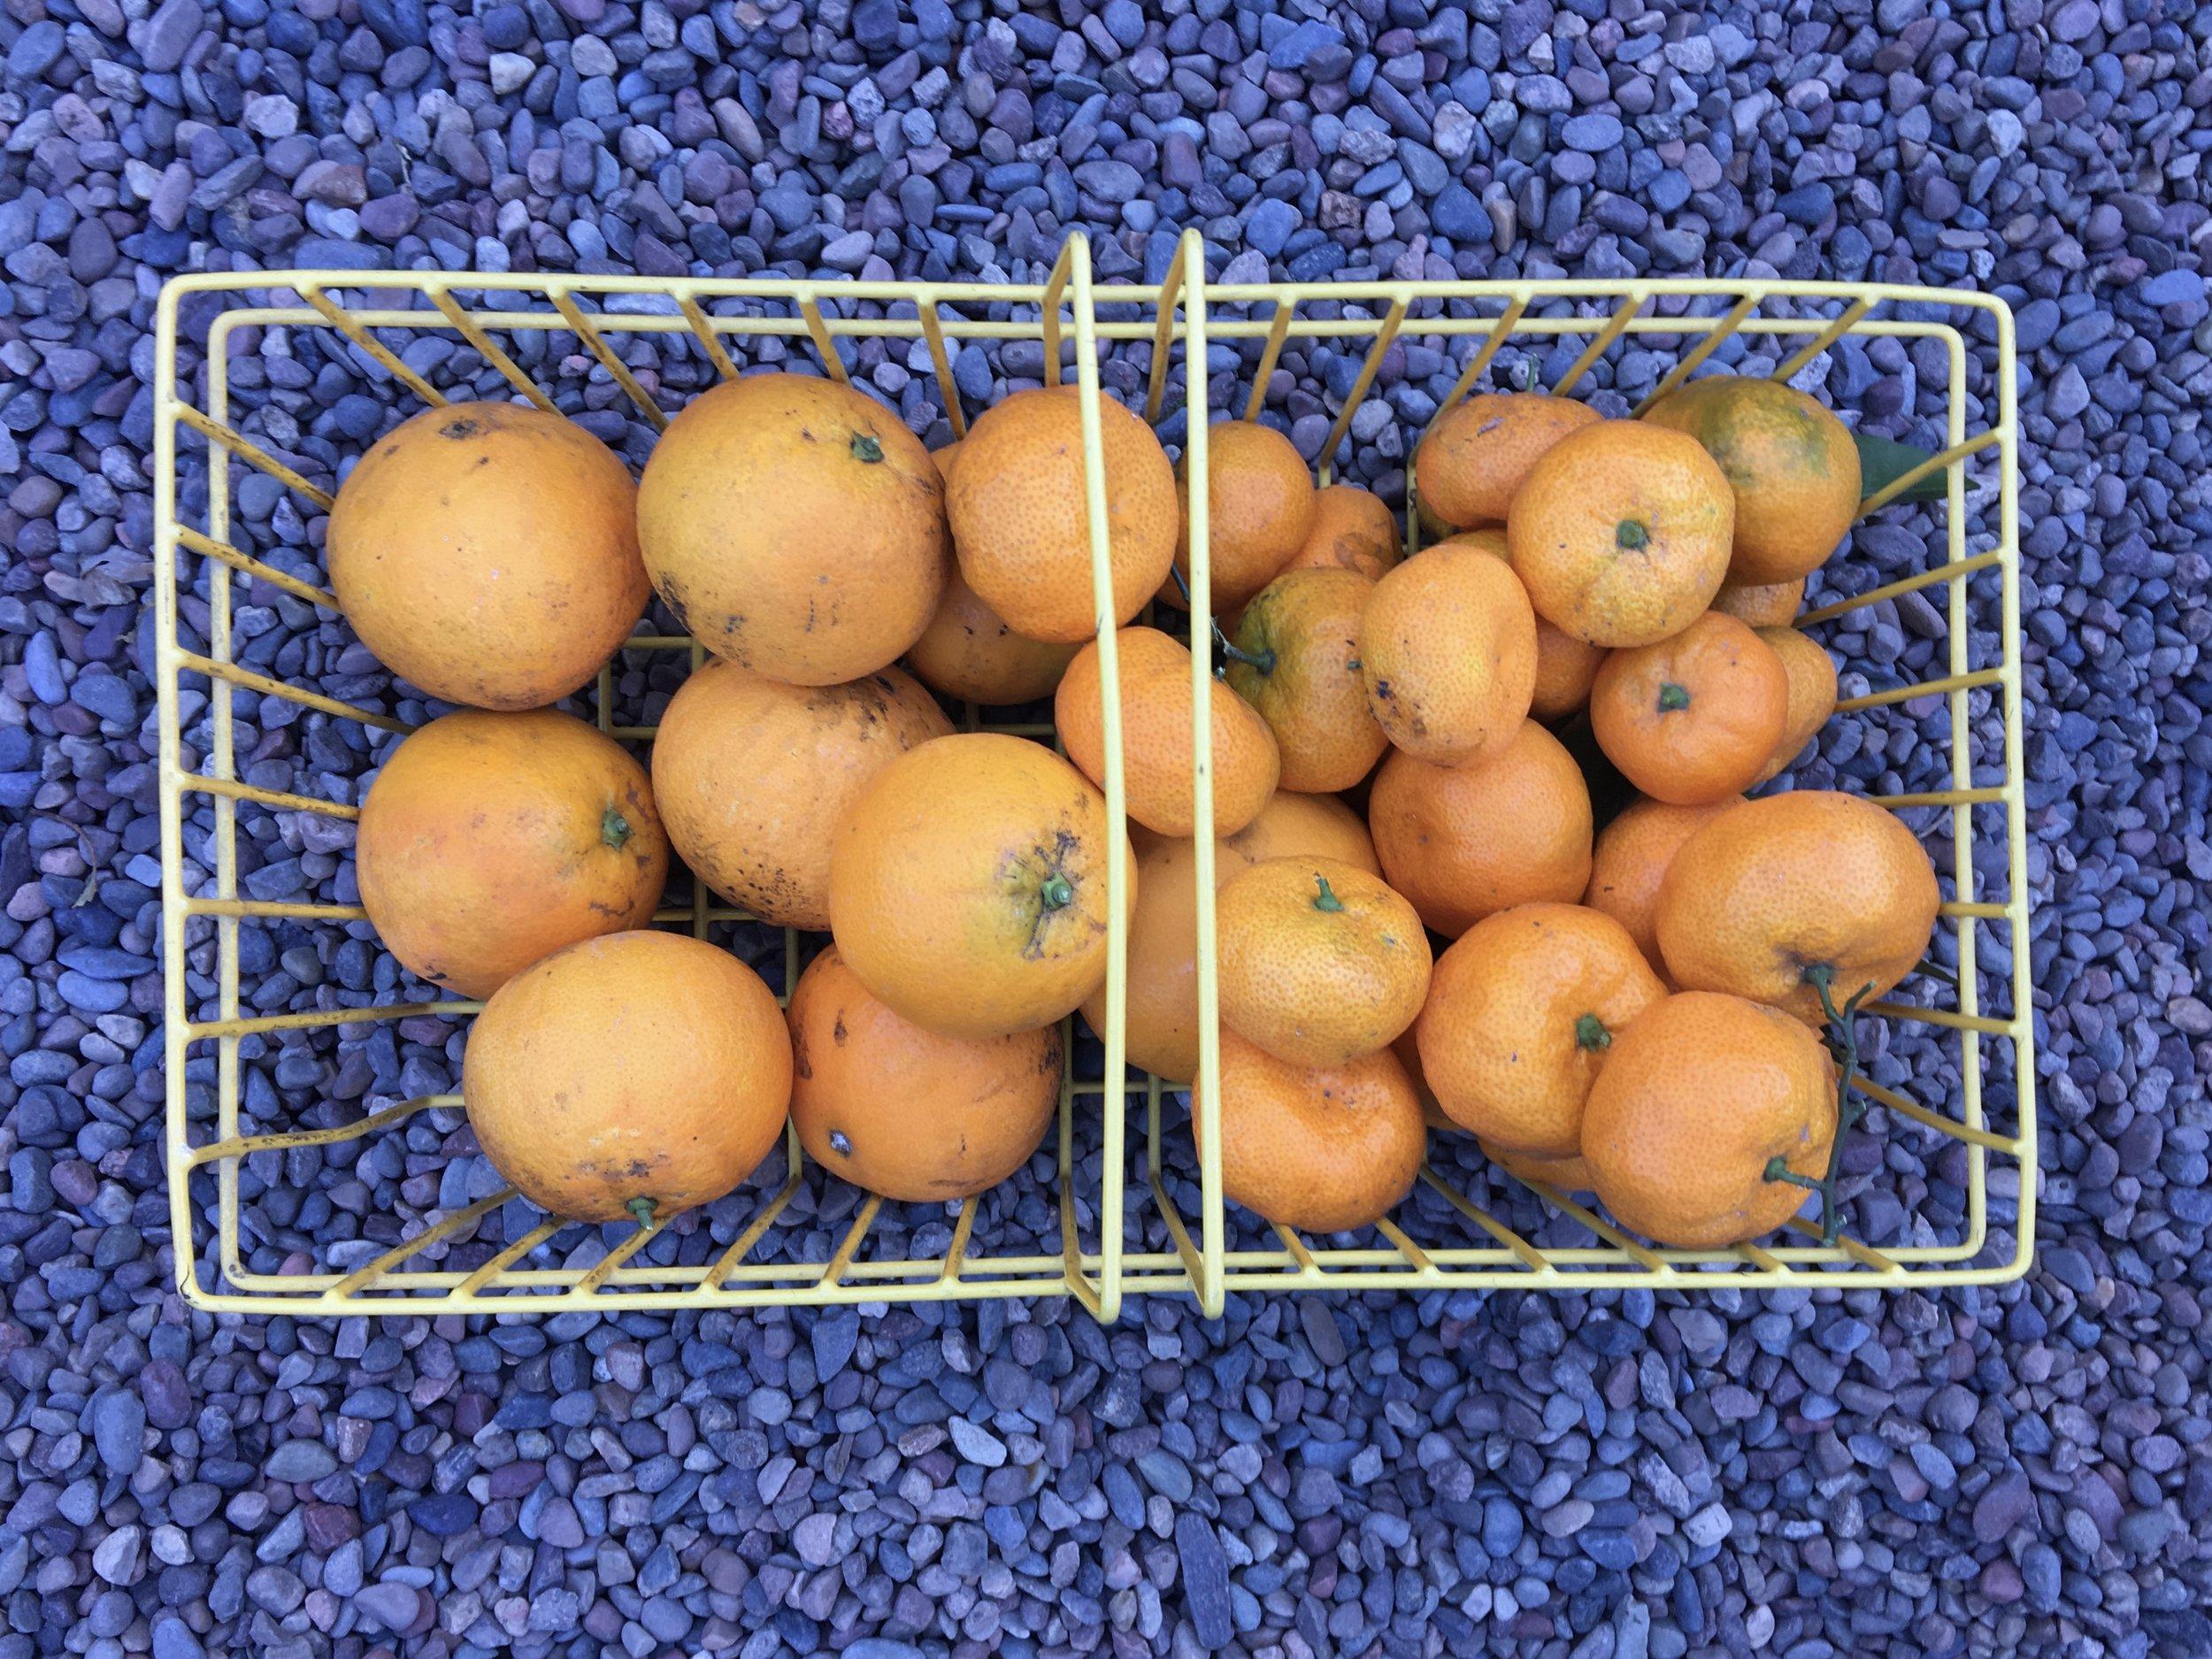 'Washington' navel oranges and 'Satsuma' tangerines